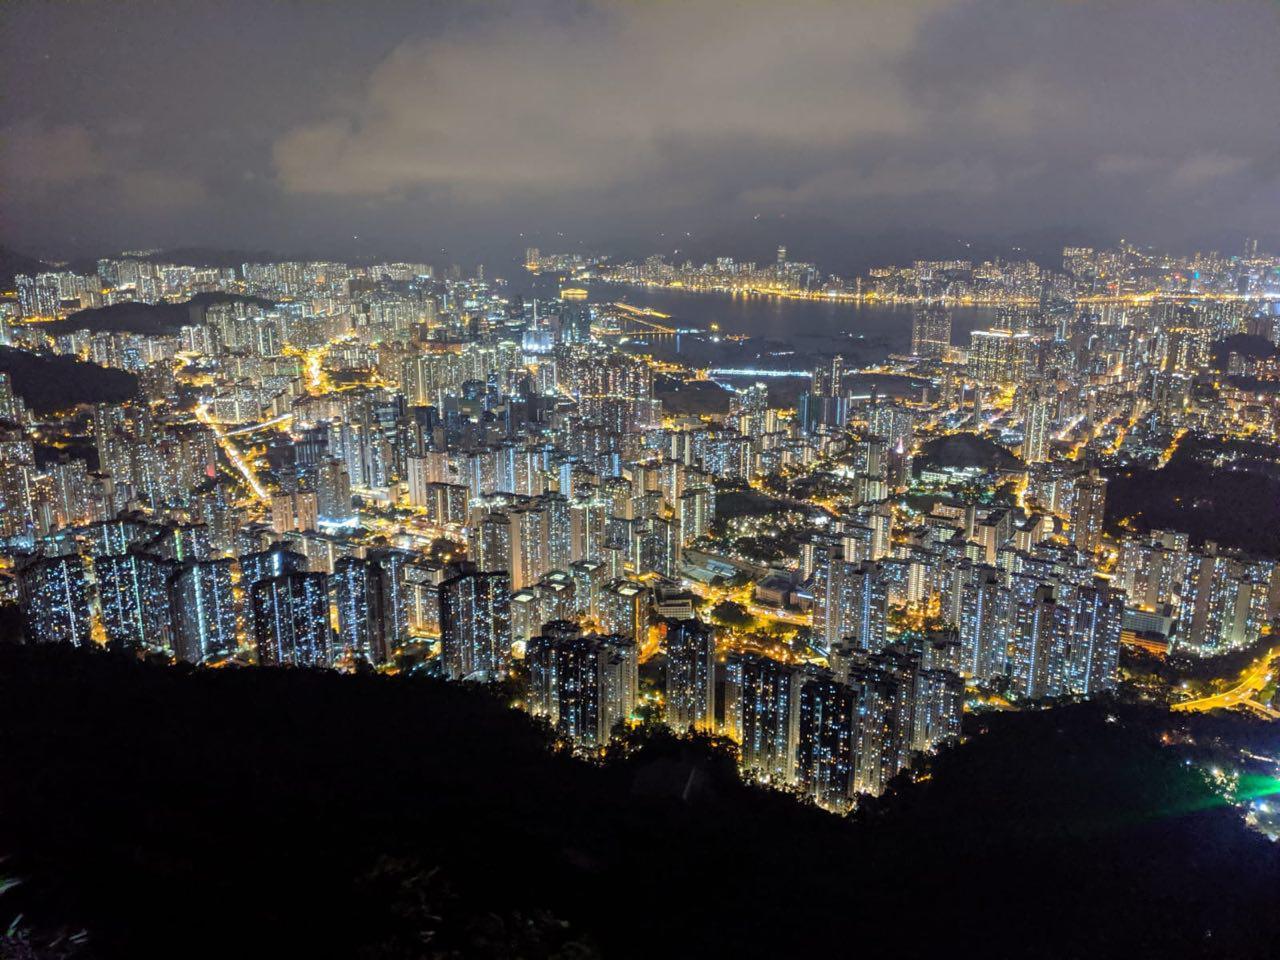 2019年9月13日,中秋節,獅子山上可以看到香港全城,市民組成人鏈,燈光閃閃,反應港人堅持抗爭的決心。(黃曉翔/大紀元)